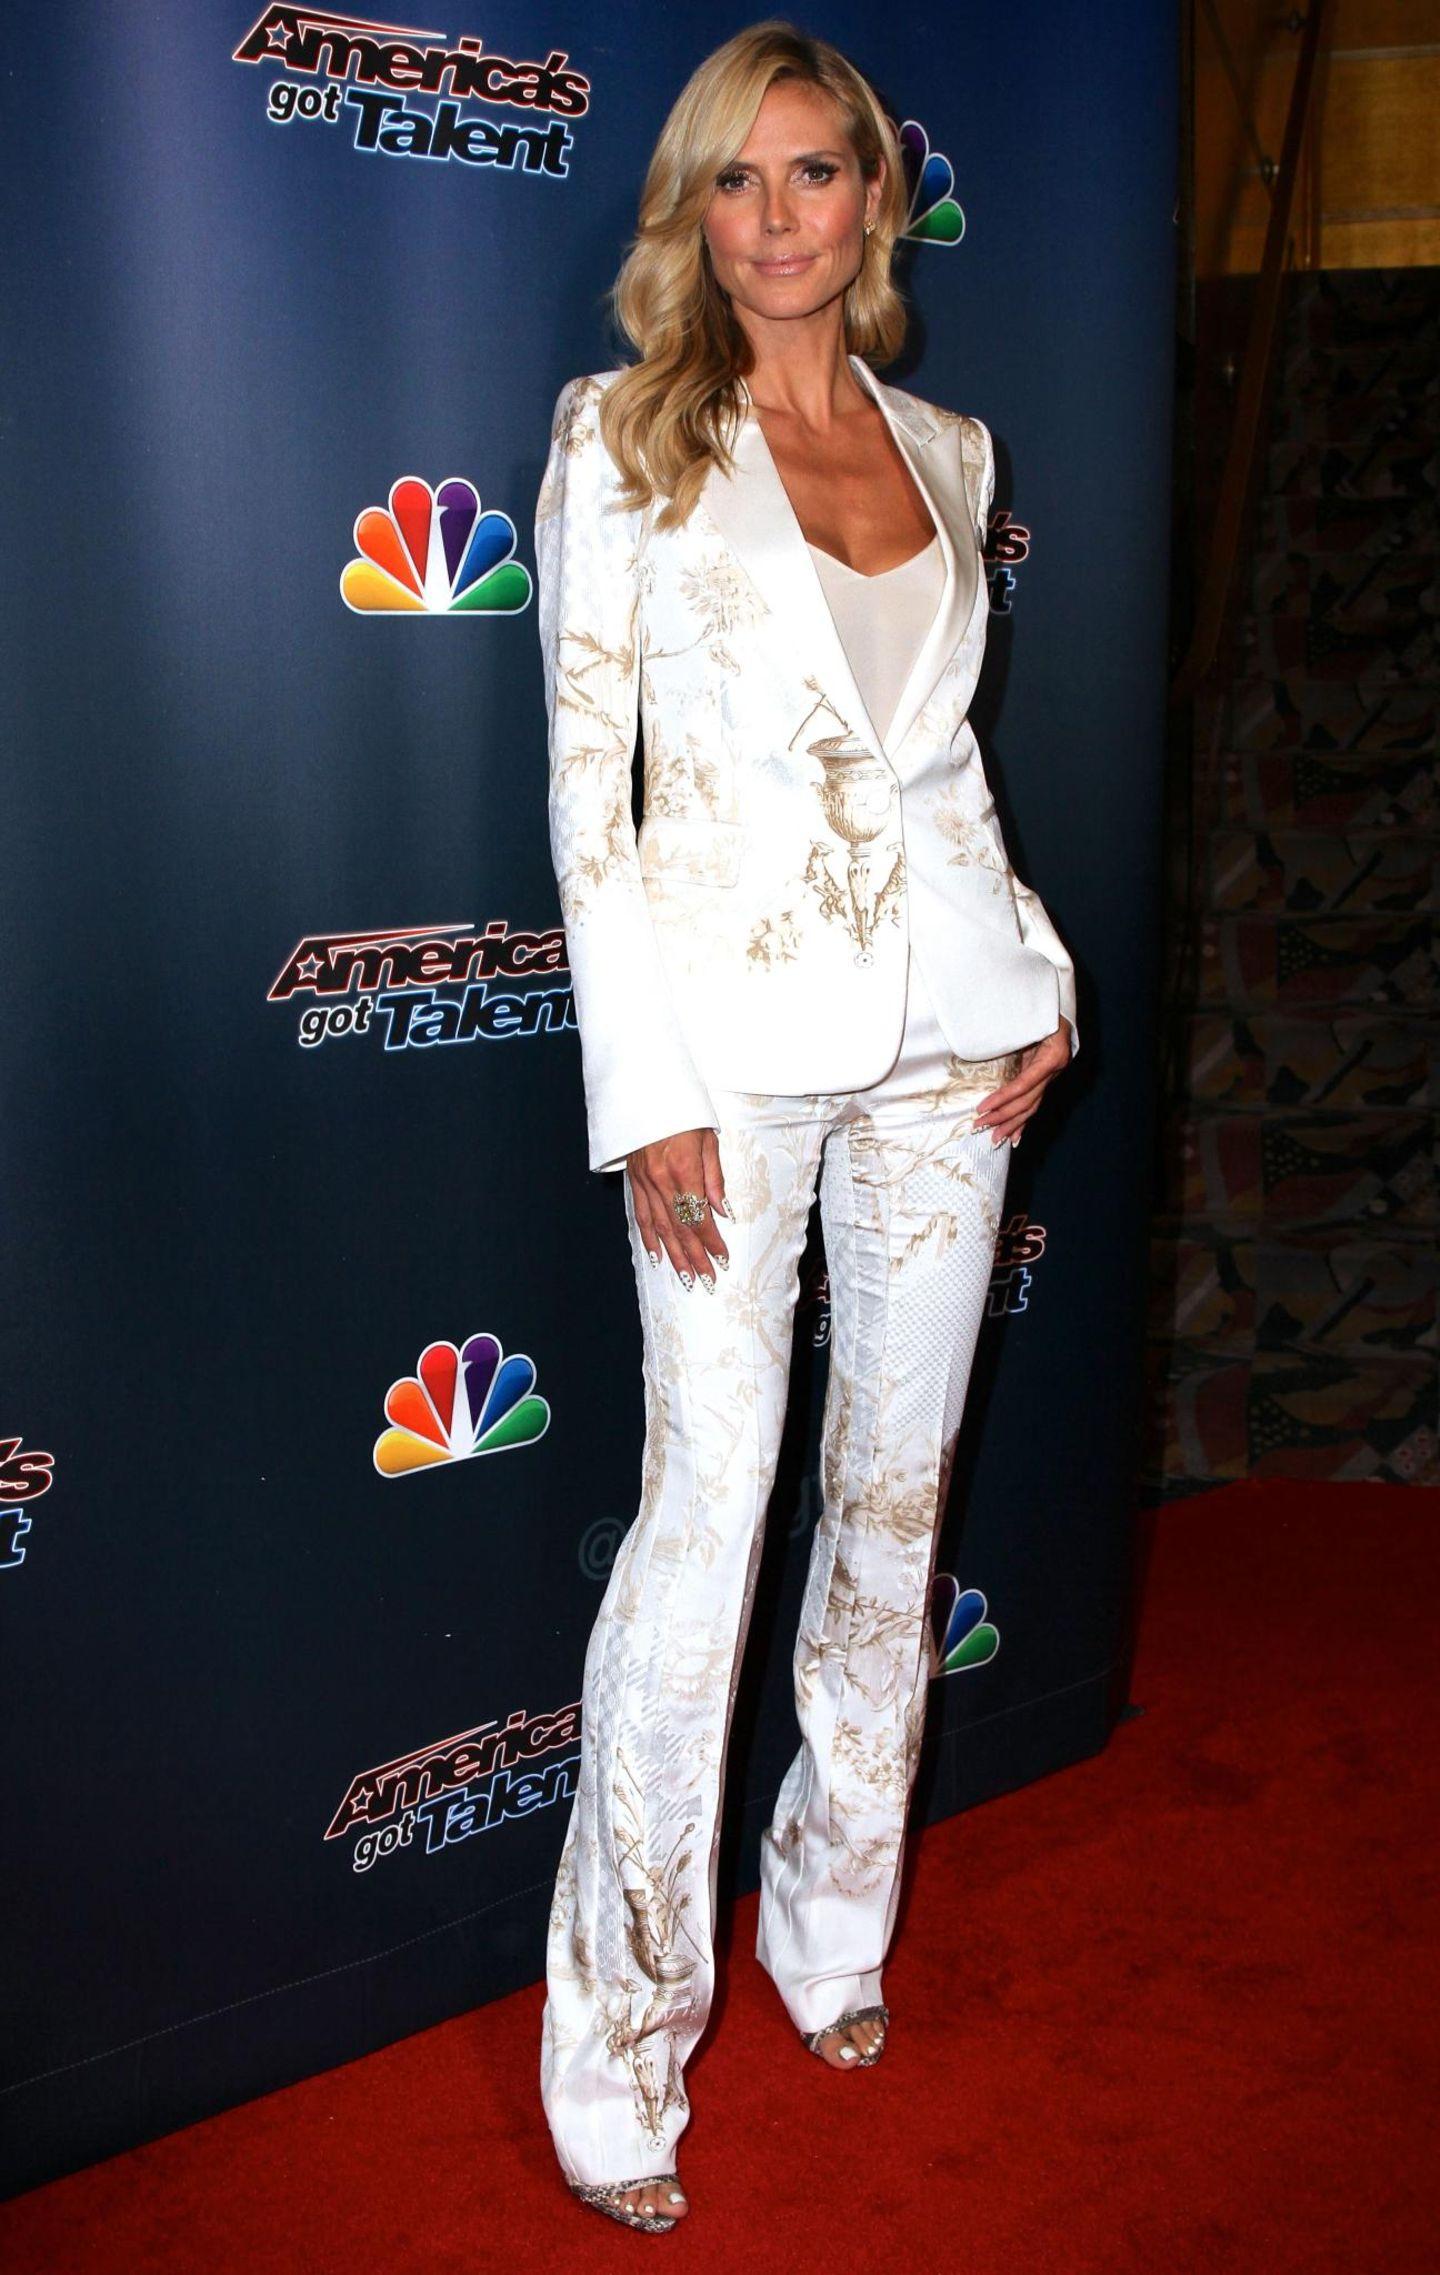 """Zu einem """"America's Got Talent""""-Event in New York erschien der Superstar im August 2014 in außergewöhnlichen Schlaghosen."""